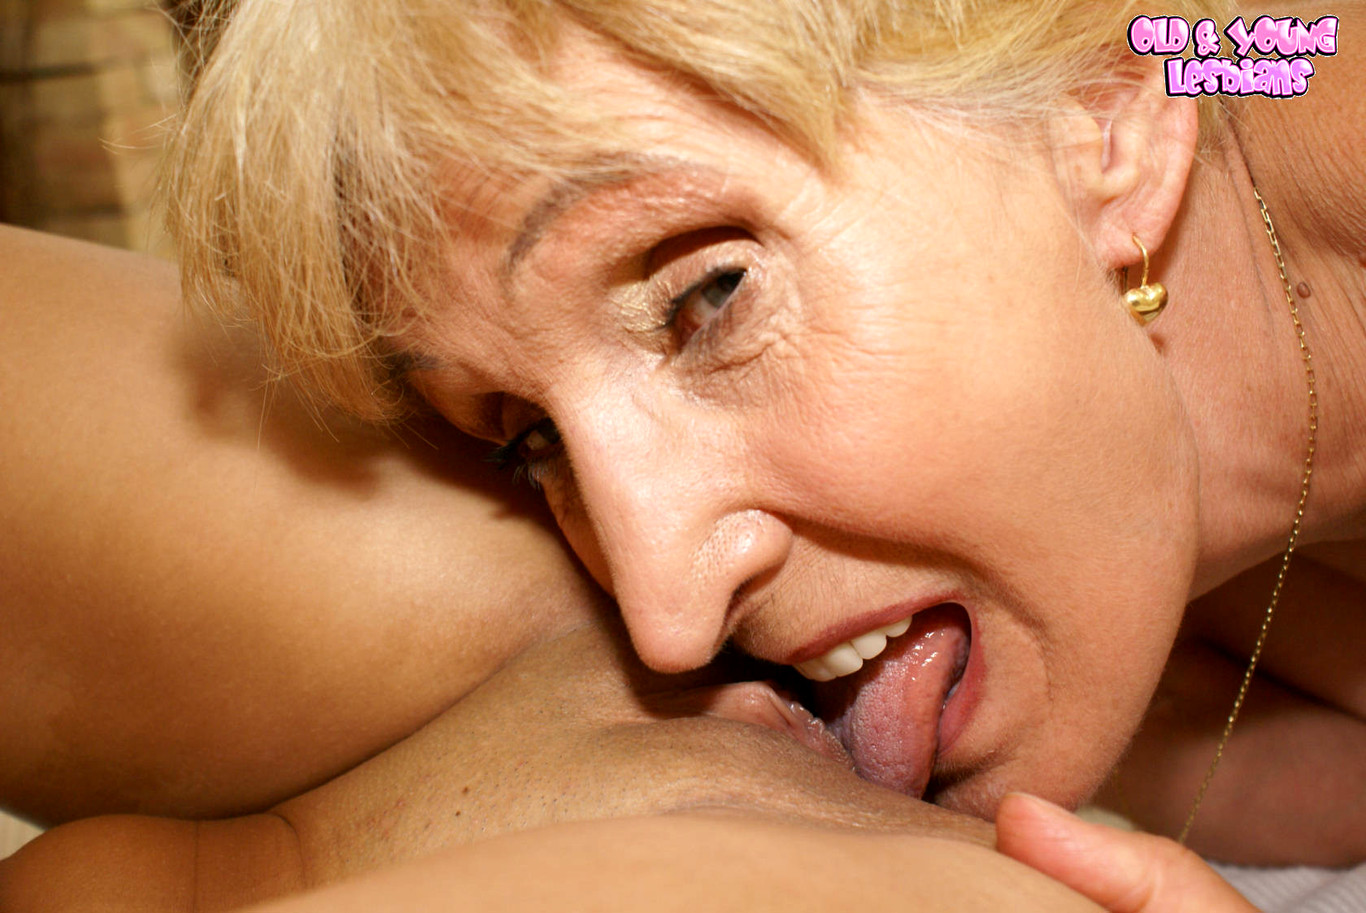 Granny sluts lesbian